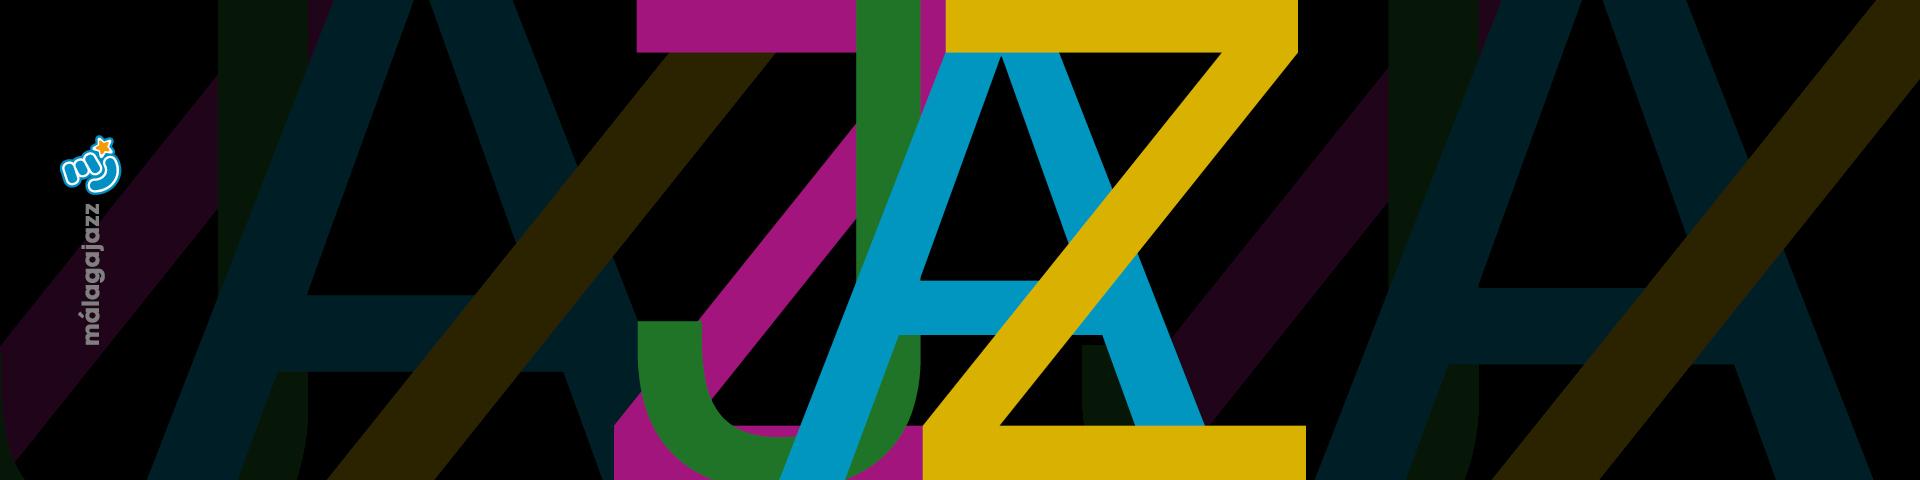 33 Festival Internacional de Jazz en Málaga – Programación Completa